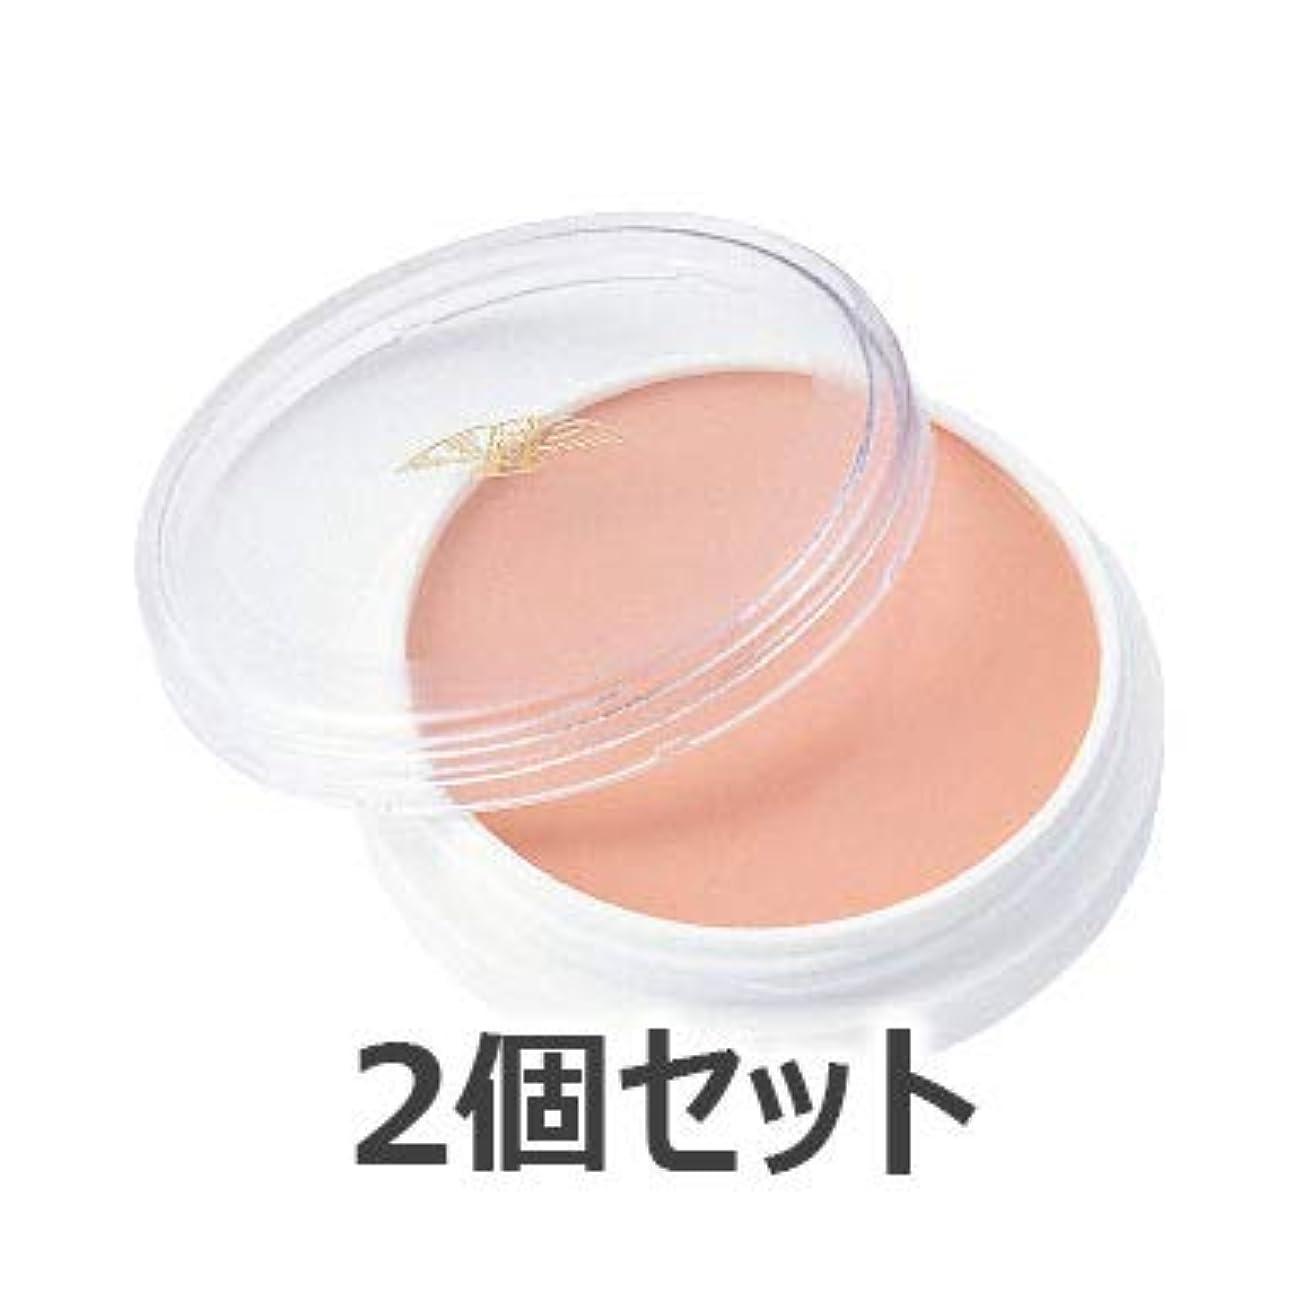 三善 グリースペイント 2個セット (9)